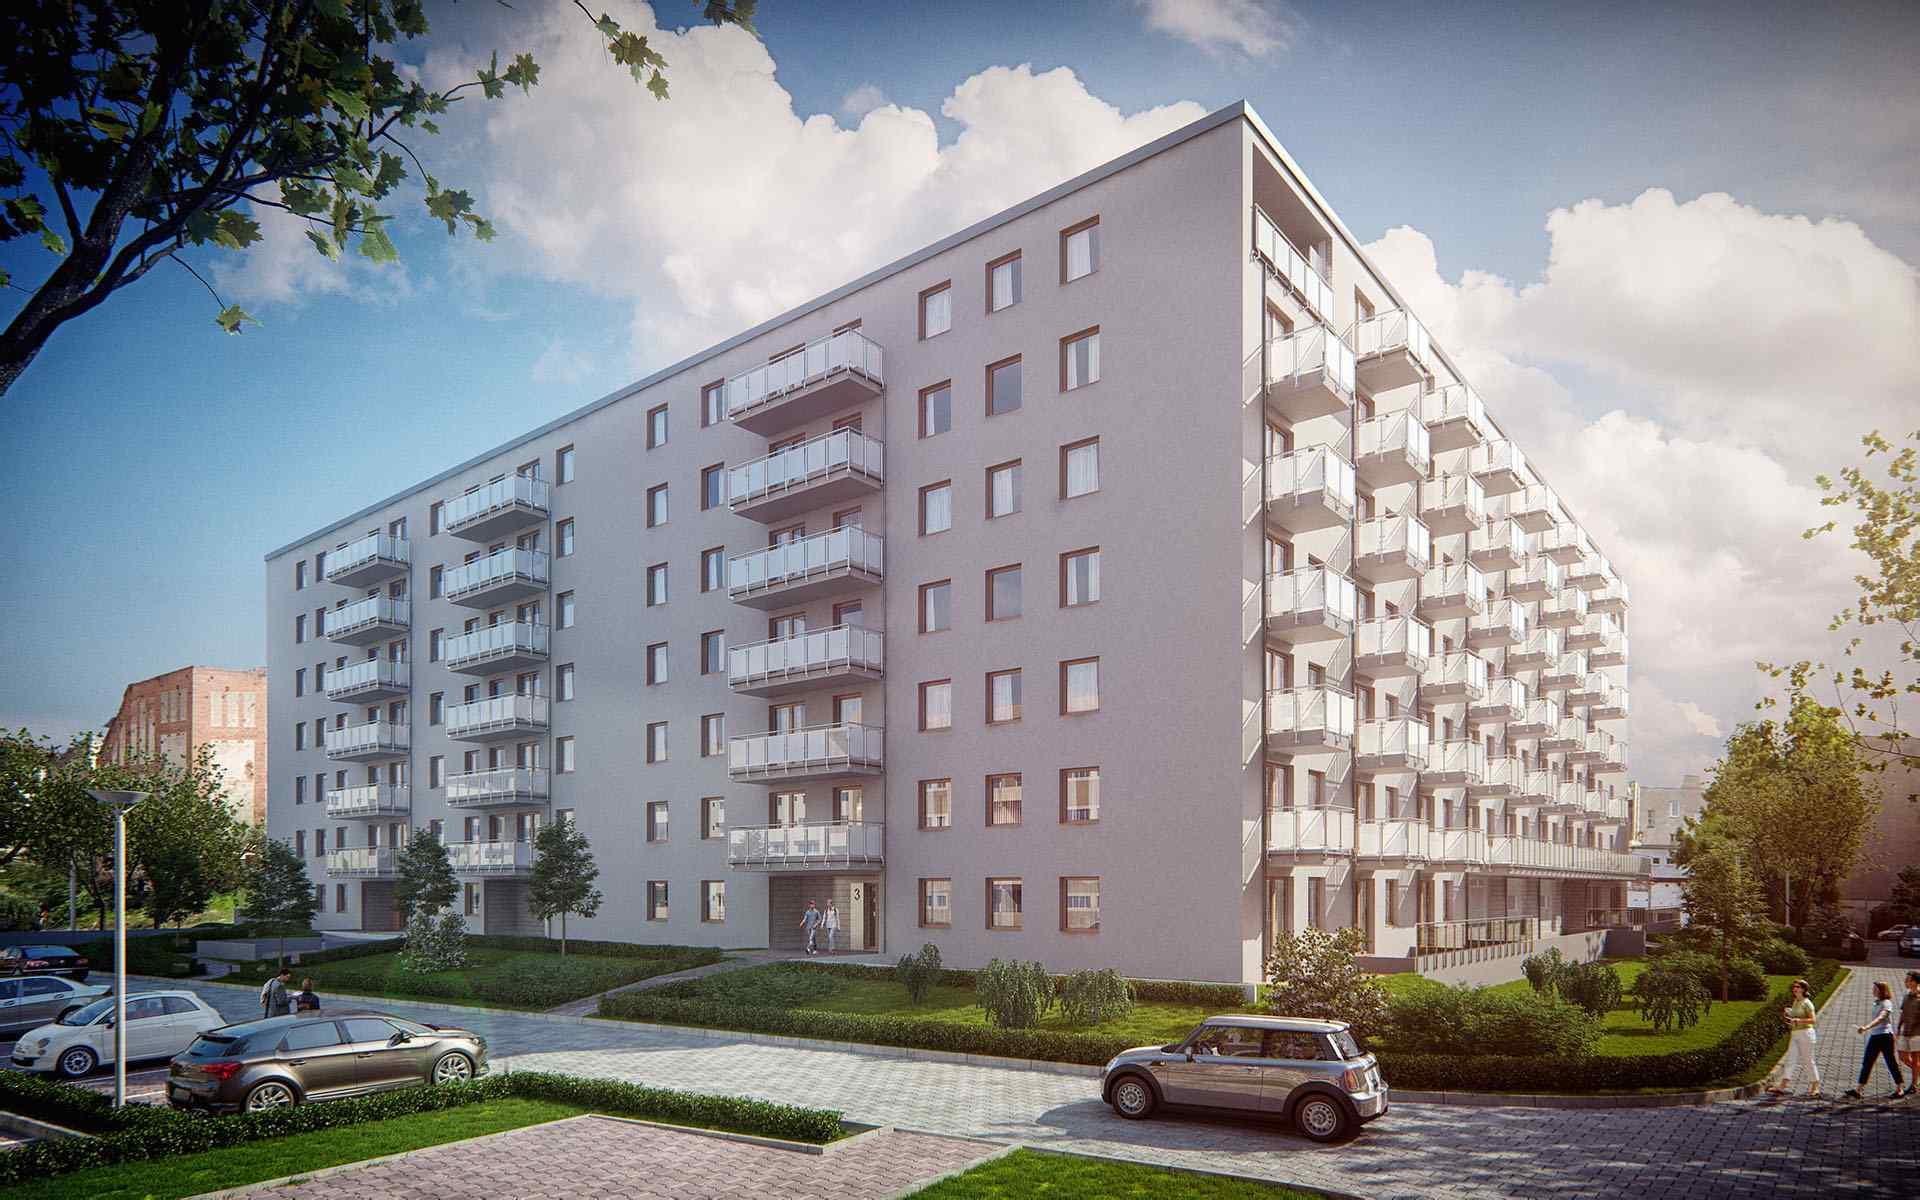 Nowe mieszkanie Wrocław 61.07m2, mieszkanie na sprzedaż